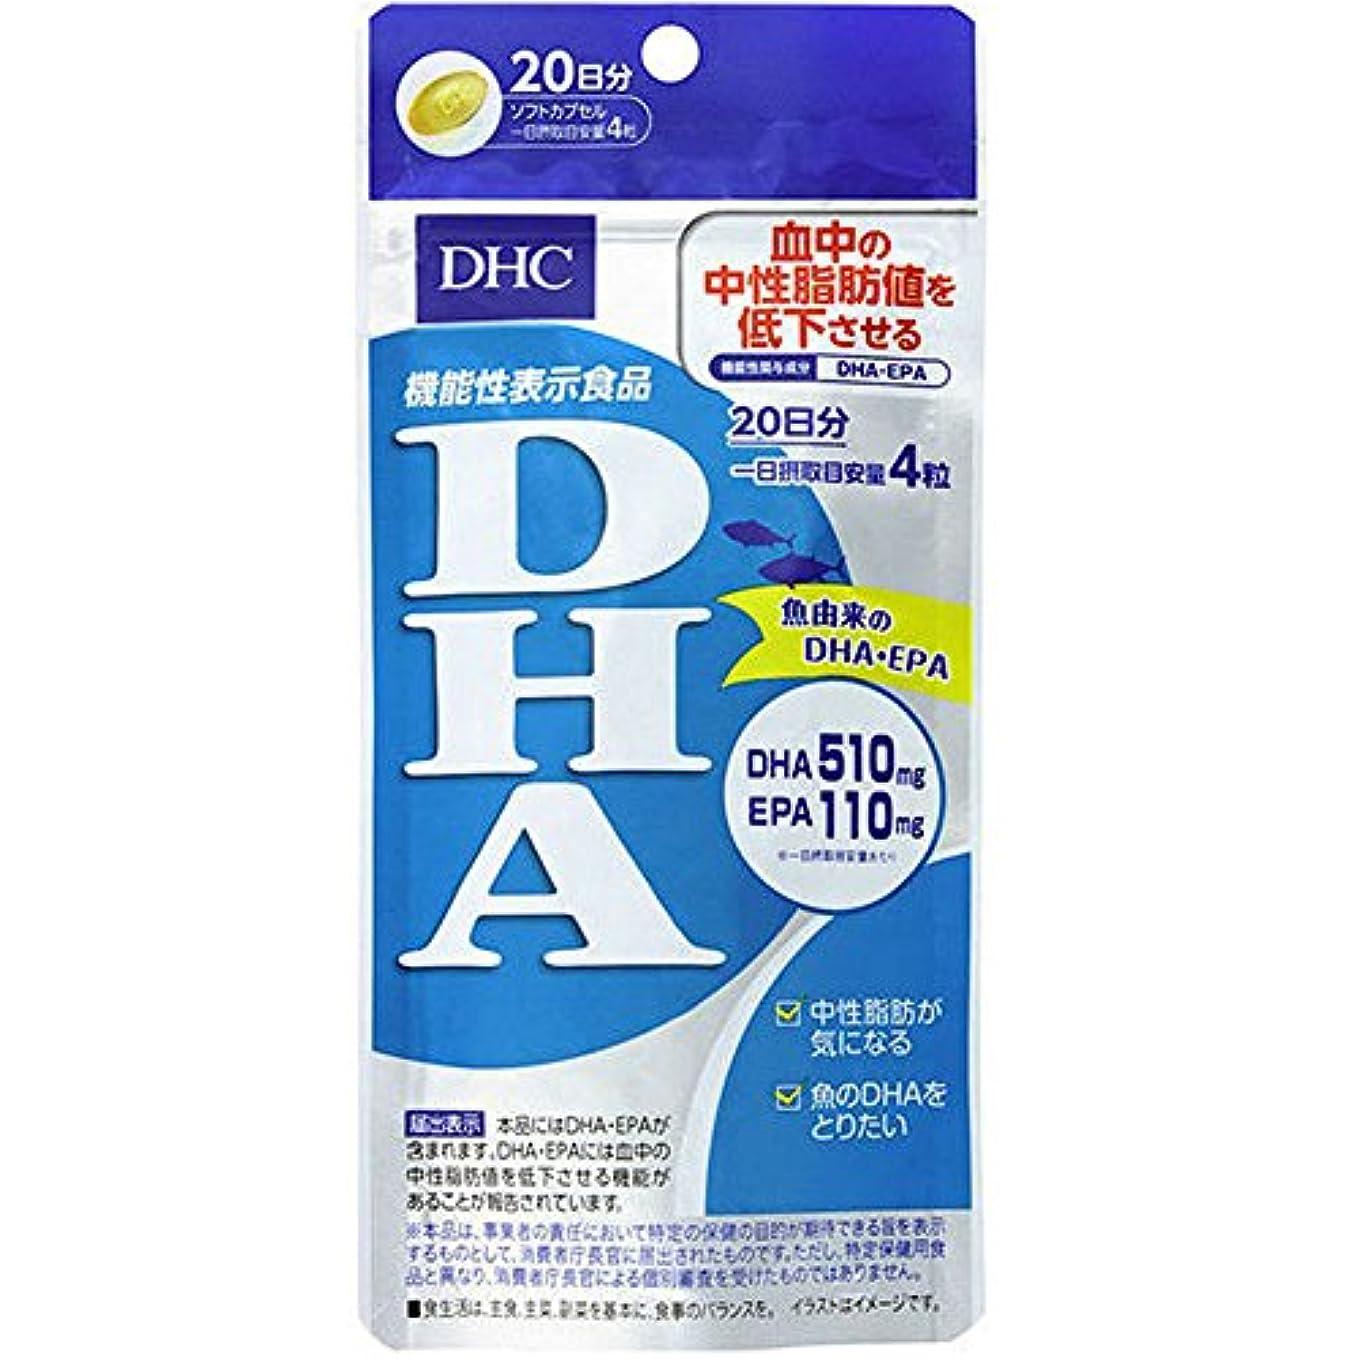 インタネットを見る困惑した鳥DHC DHA 20日分 80粒 【機能性表示食品】